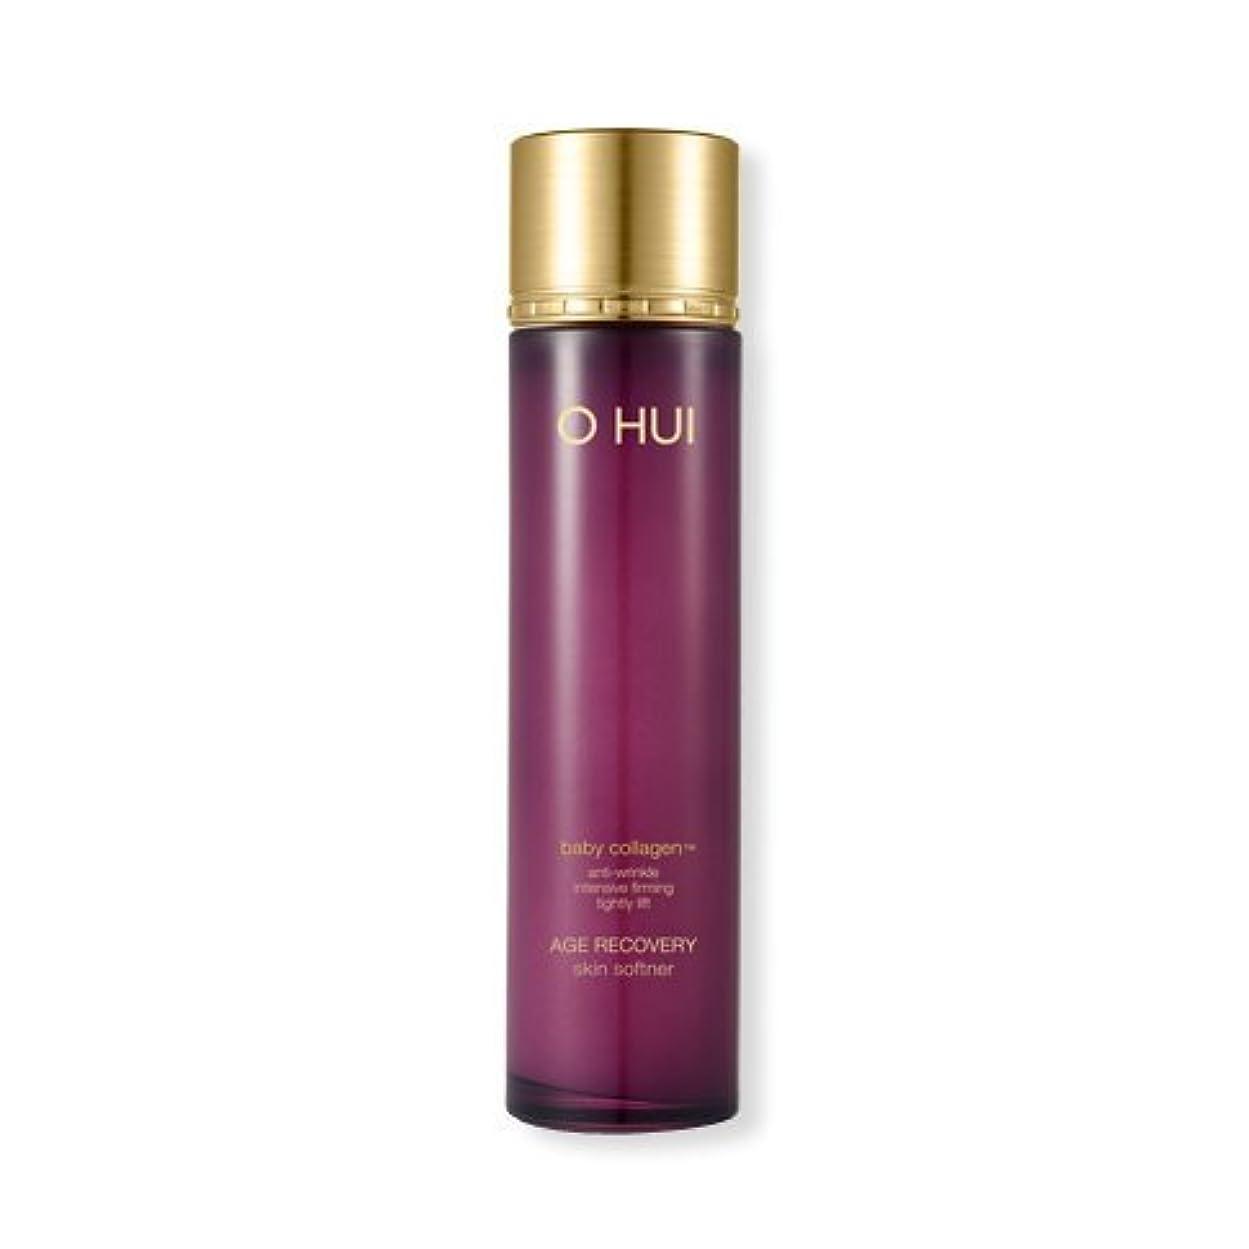 修羅場床を掃除するファイナンスOHUI Age Recovery Skin Softener 150ml/オフィ エイジ リカバリー スキン ソフナー 150ml [並行輸入品]